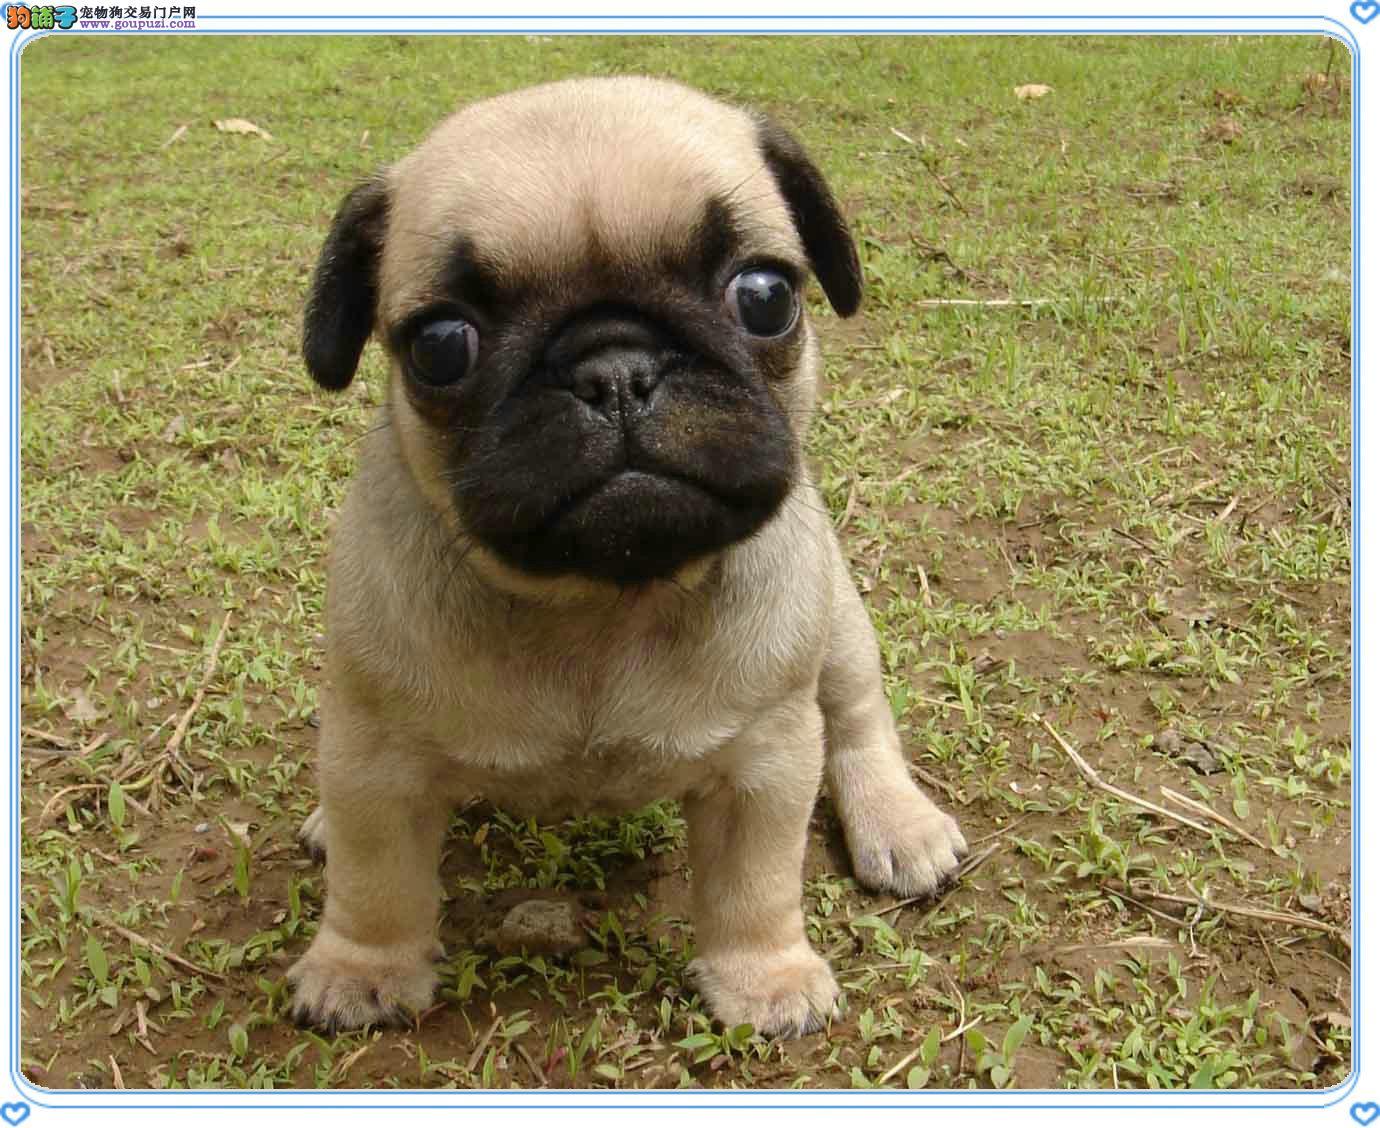 低价出售巴哥小幼犬??保健纯种 可上门选购